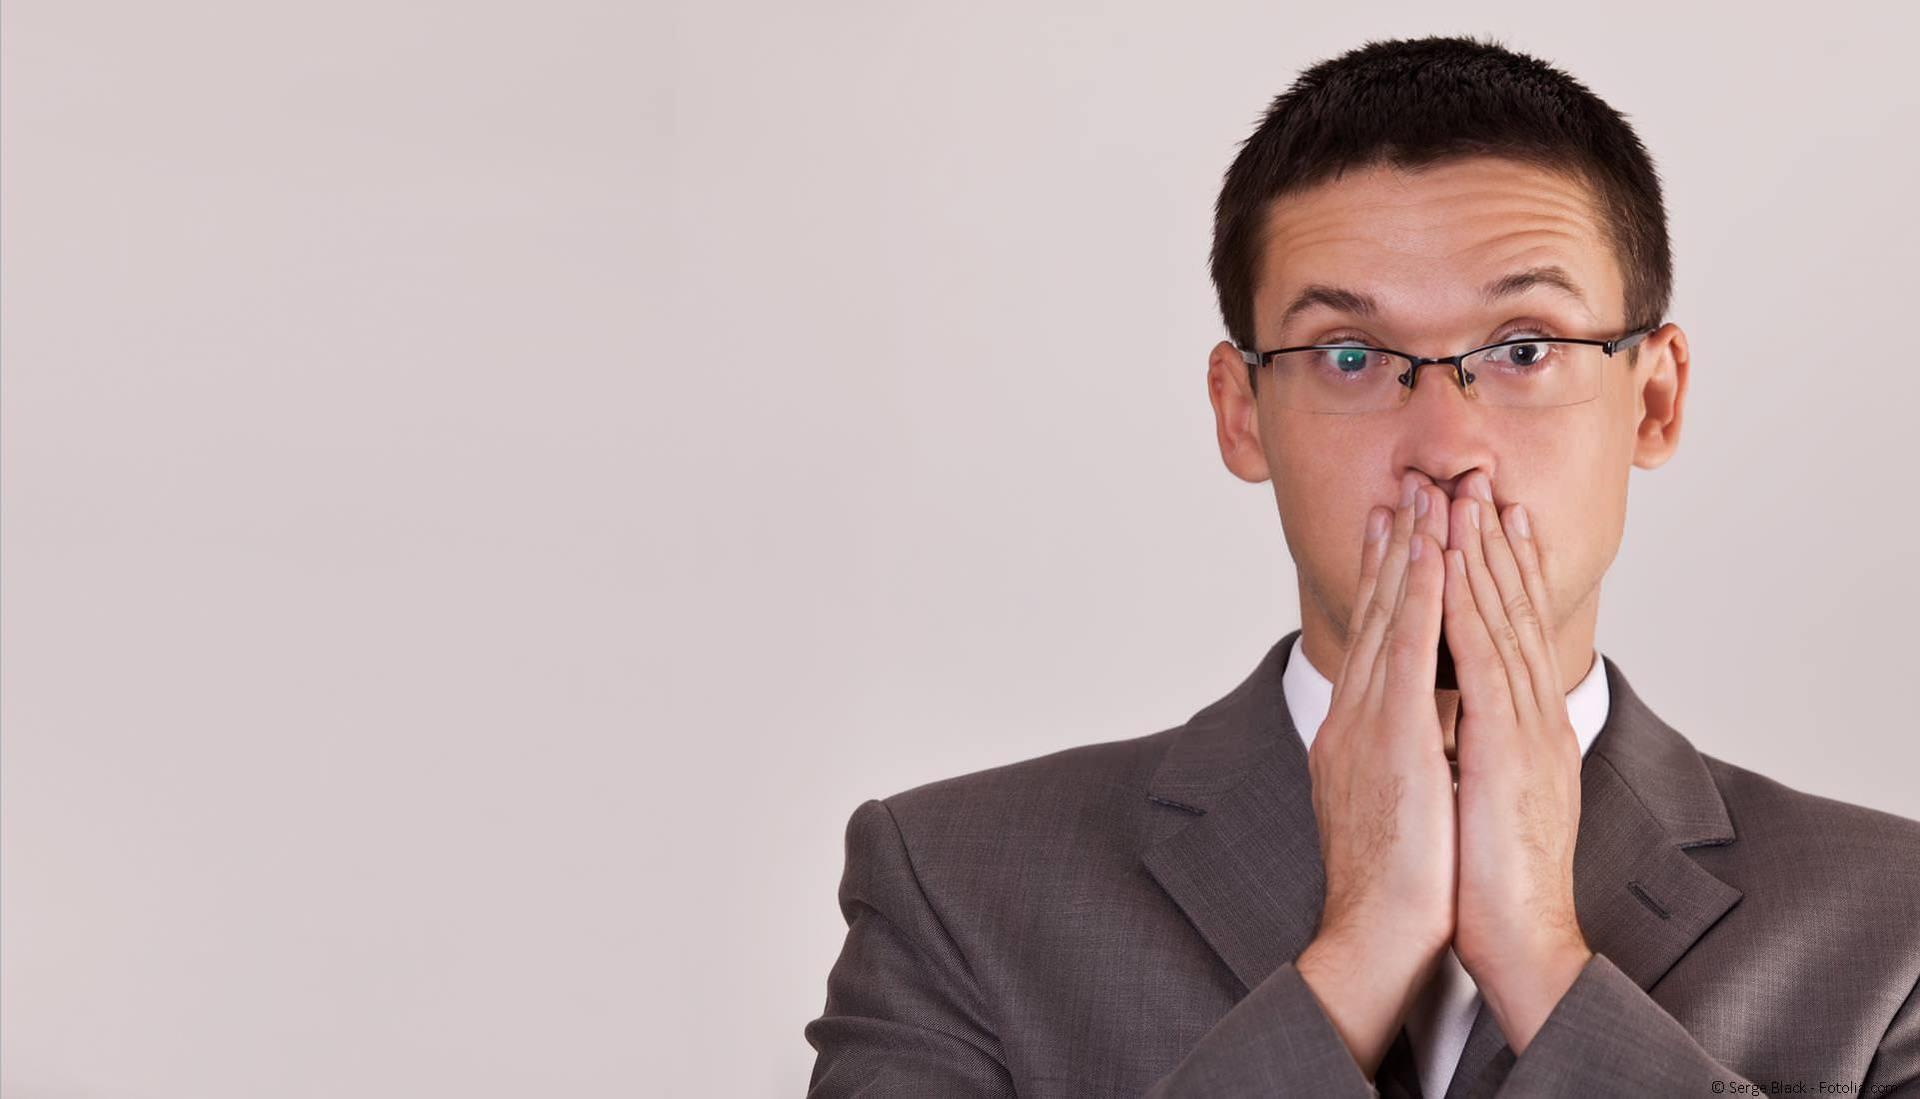 Mundgeruch und schlechter Atem